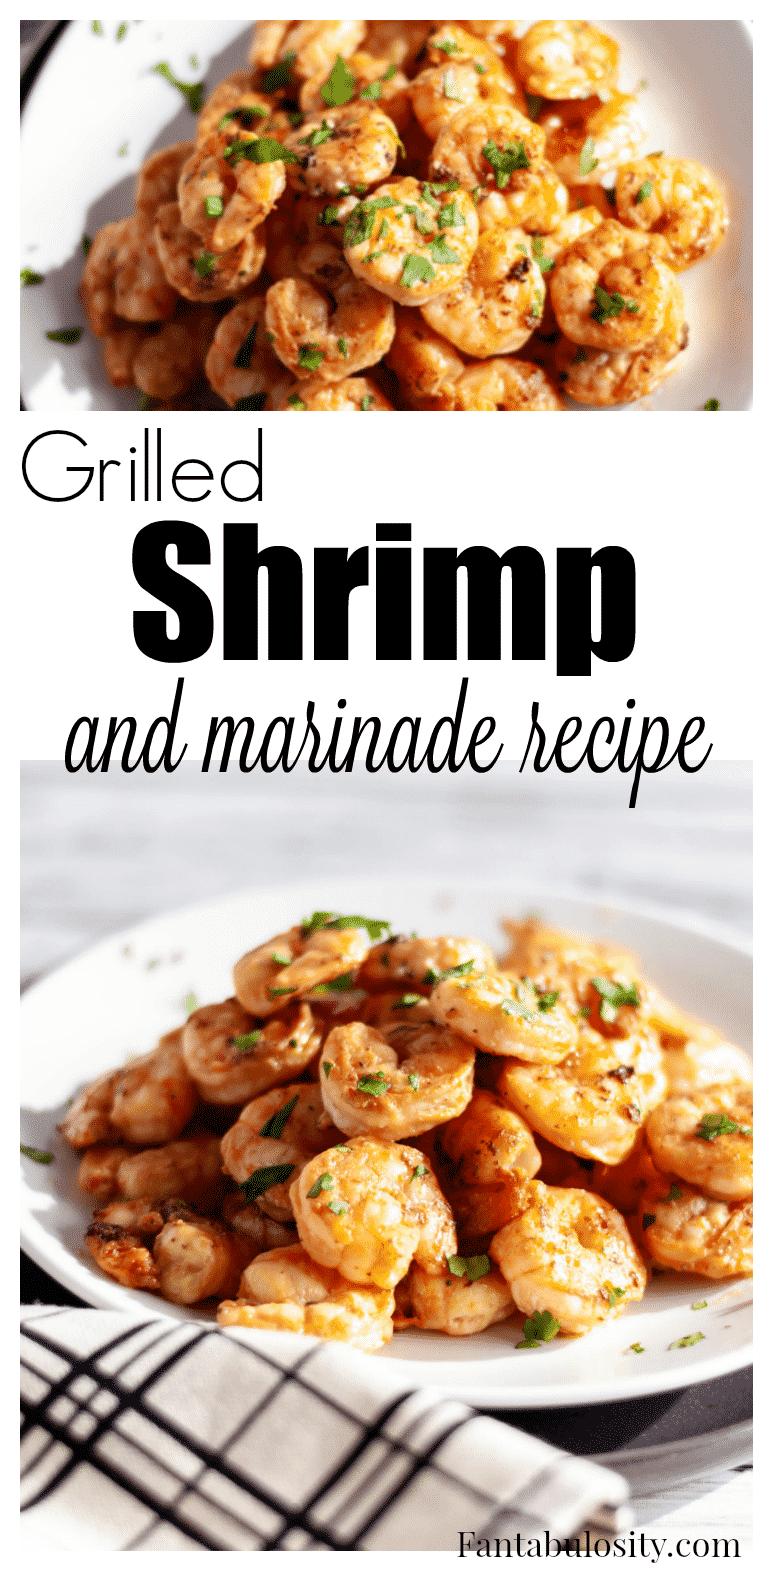 Grilled Shrimp Marinade Recipe - easy for shrimp on skewers